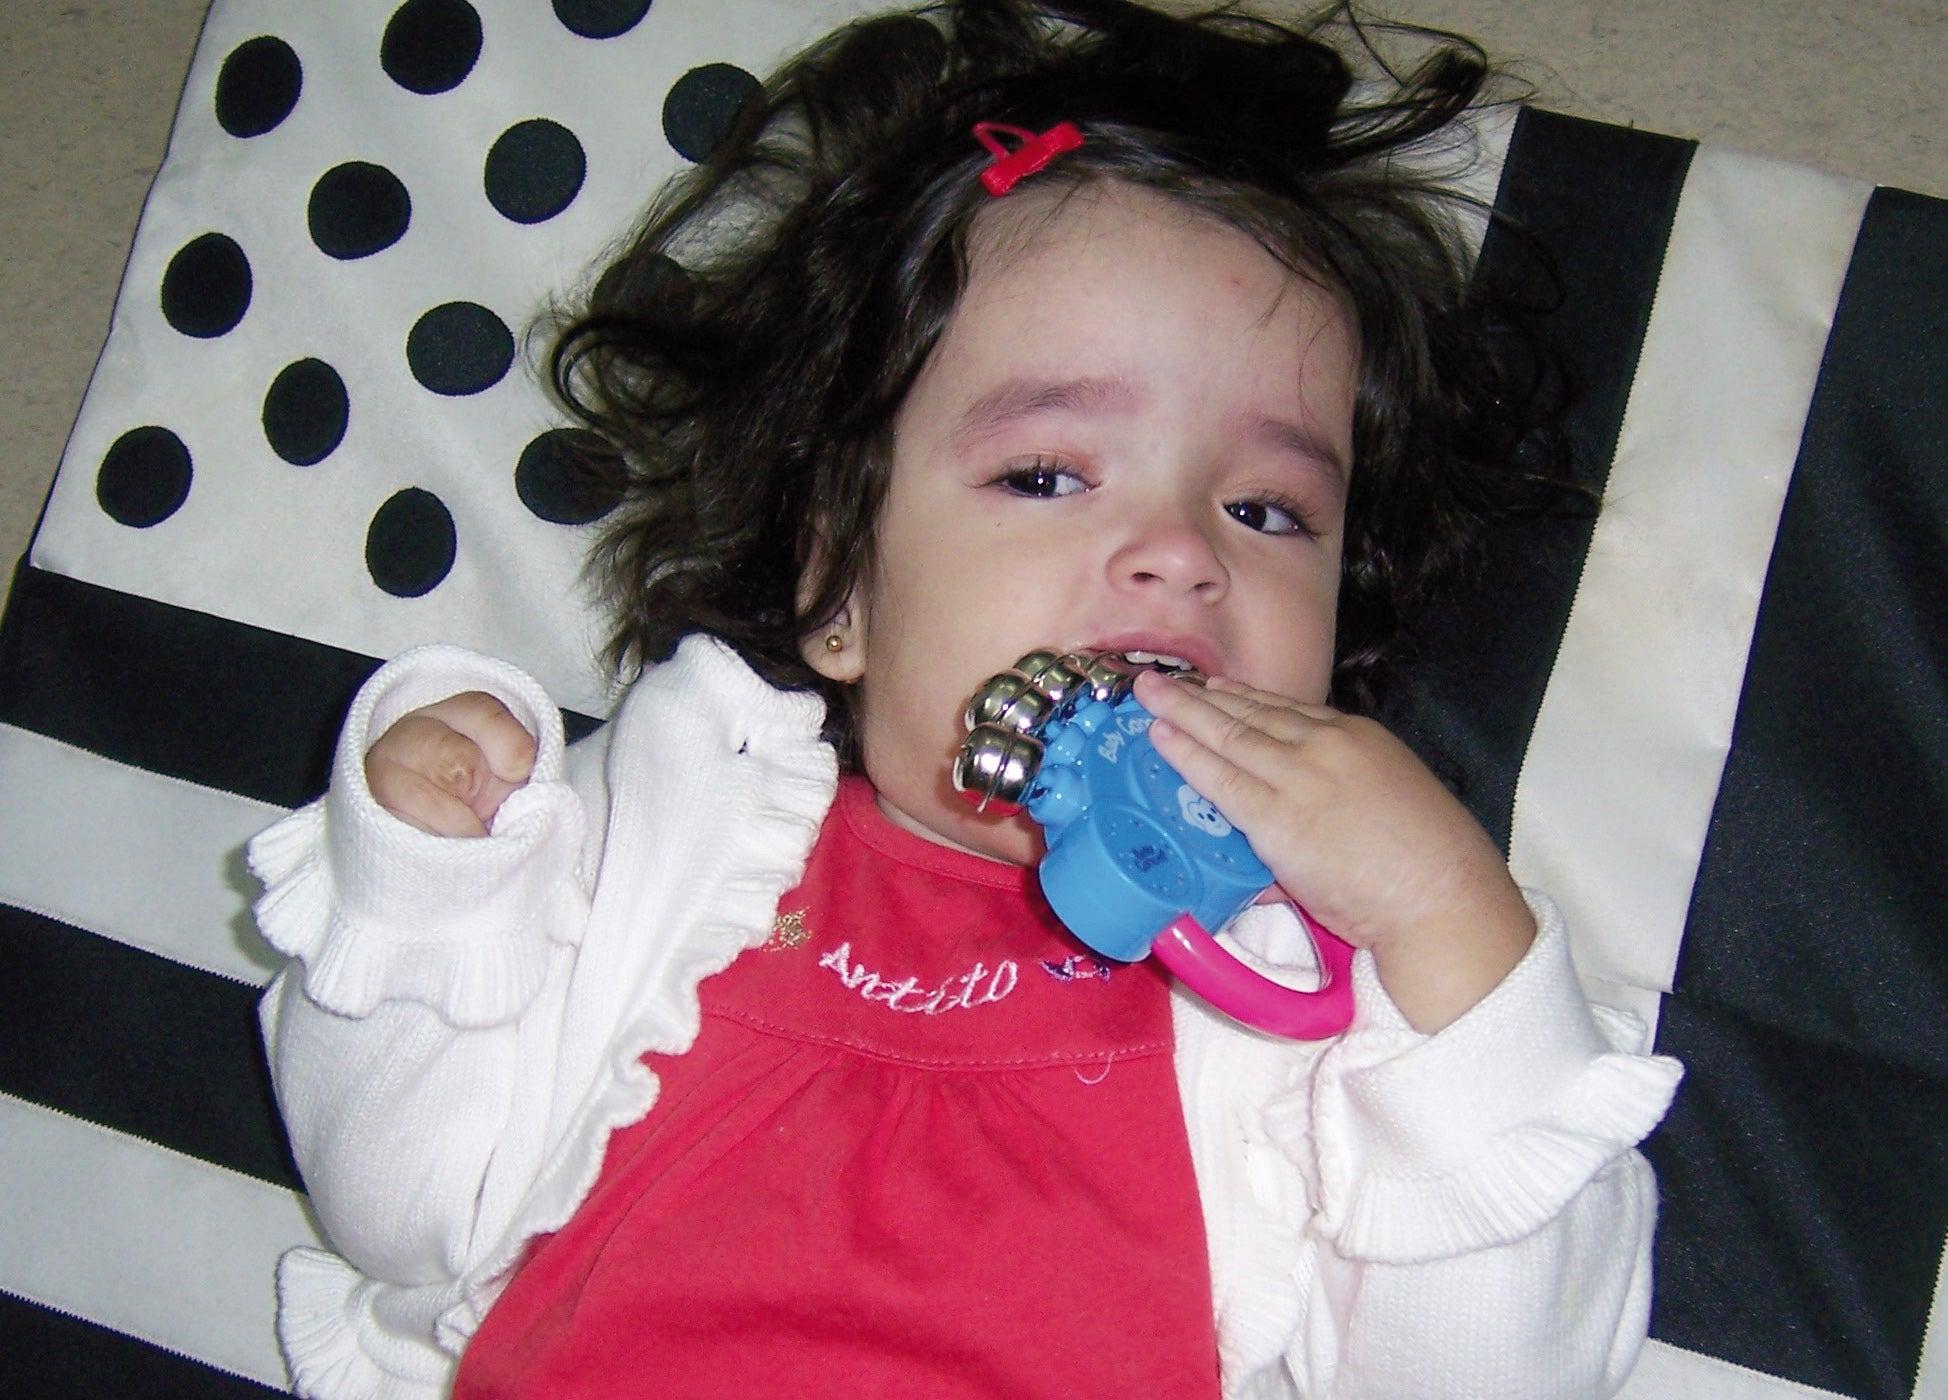 Slechtziende meisje van ongeveer 2 jaar ligt op een contrastrijk kleed en bijt op een rammelaar met belletjes.